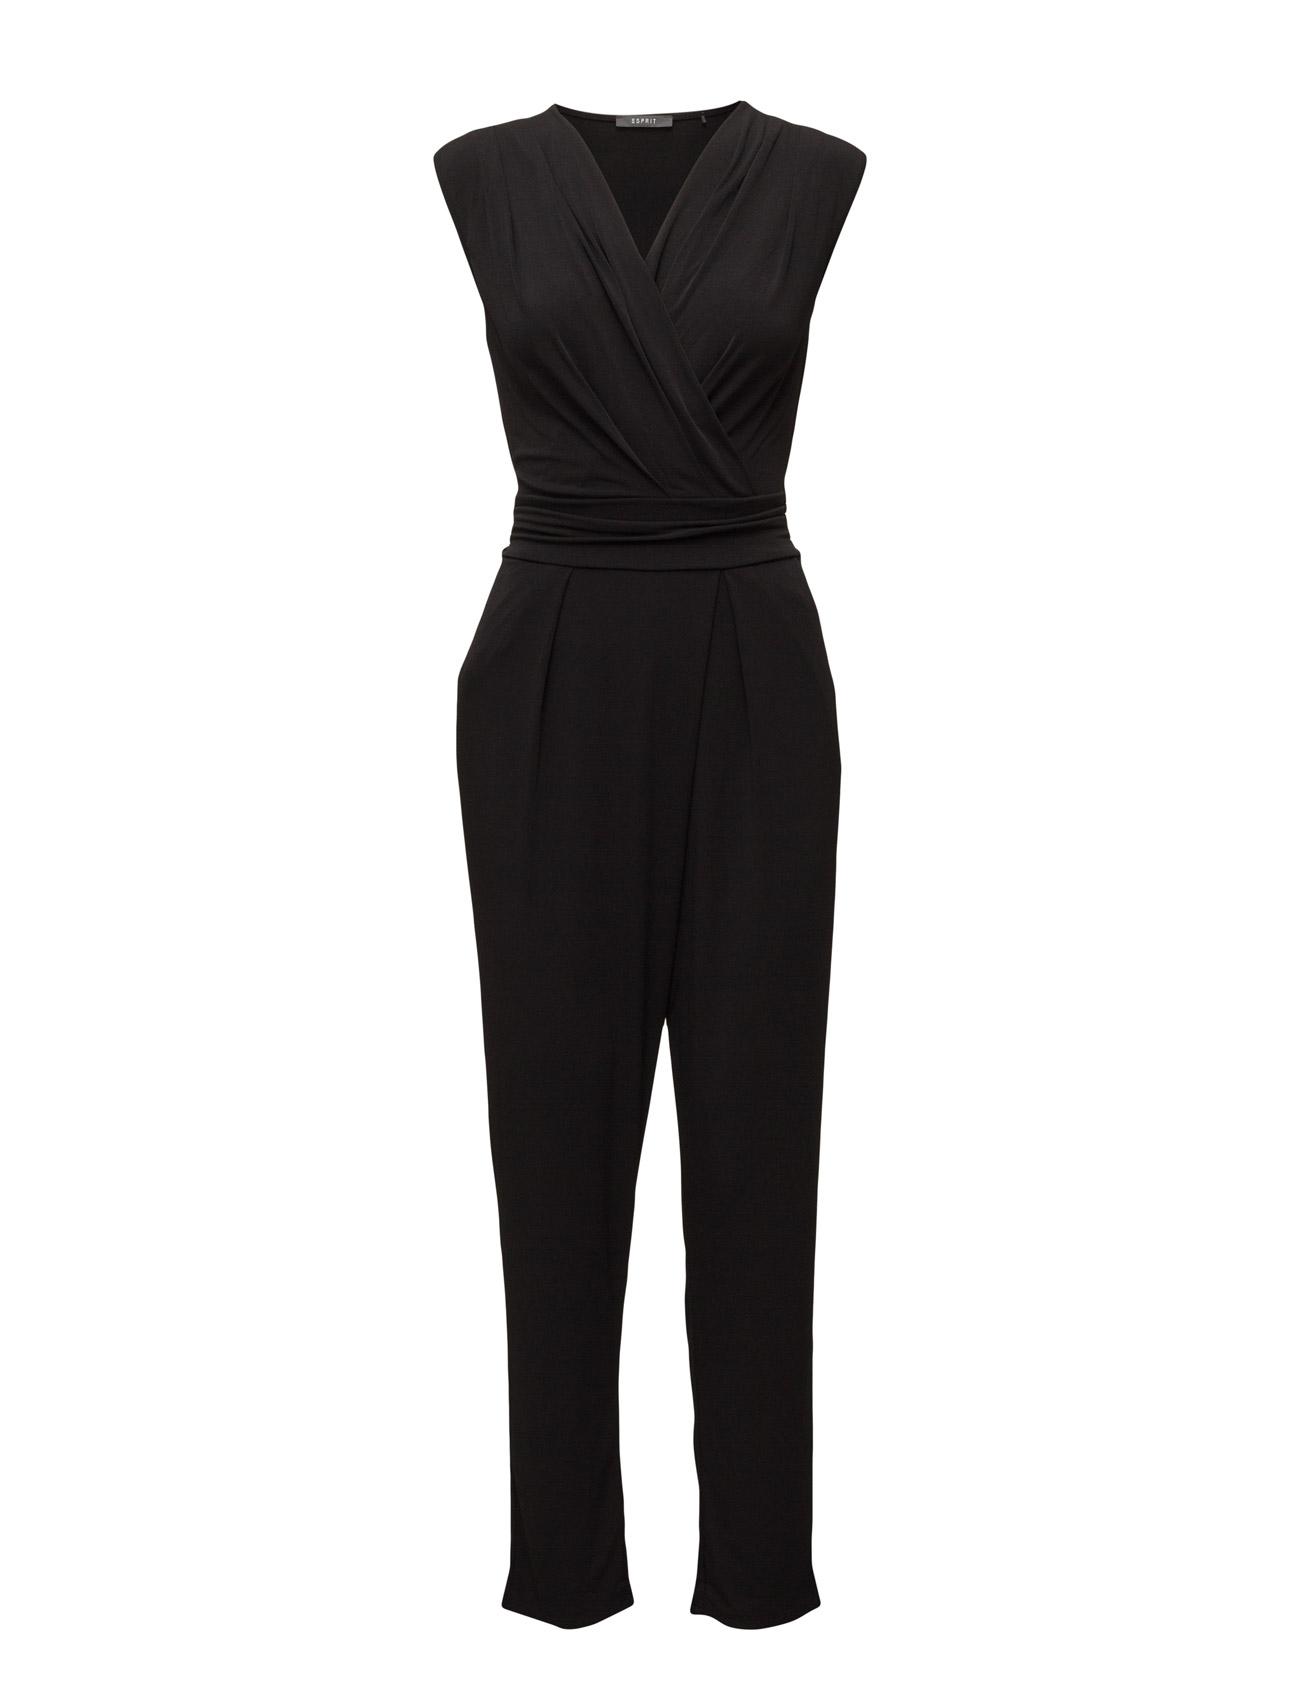 Overalls Knitted Esprit Collection  til Kvinder i Sort